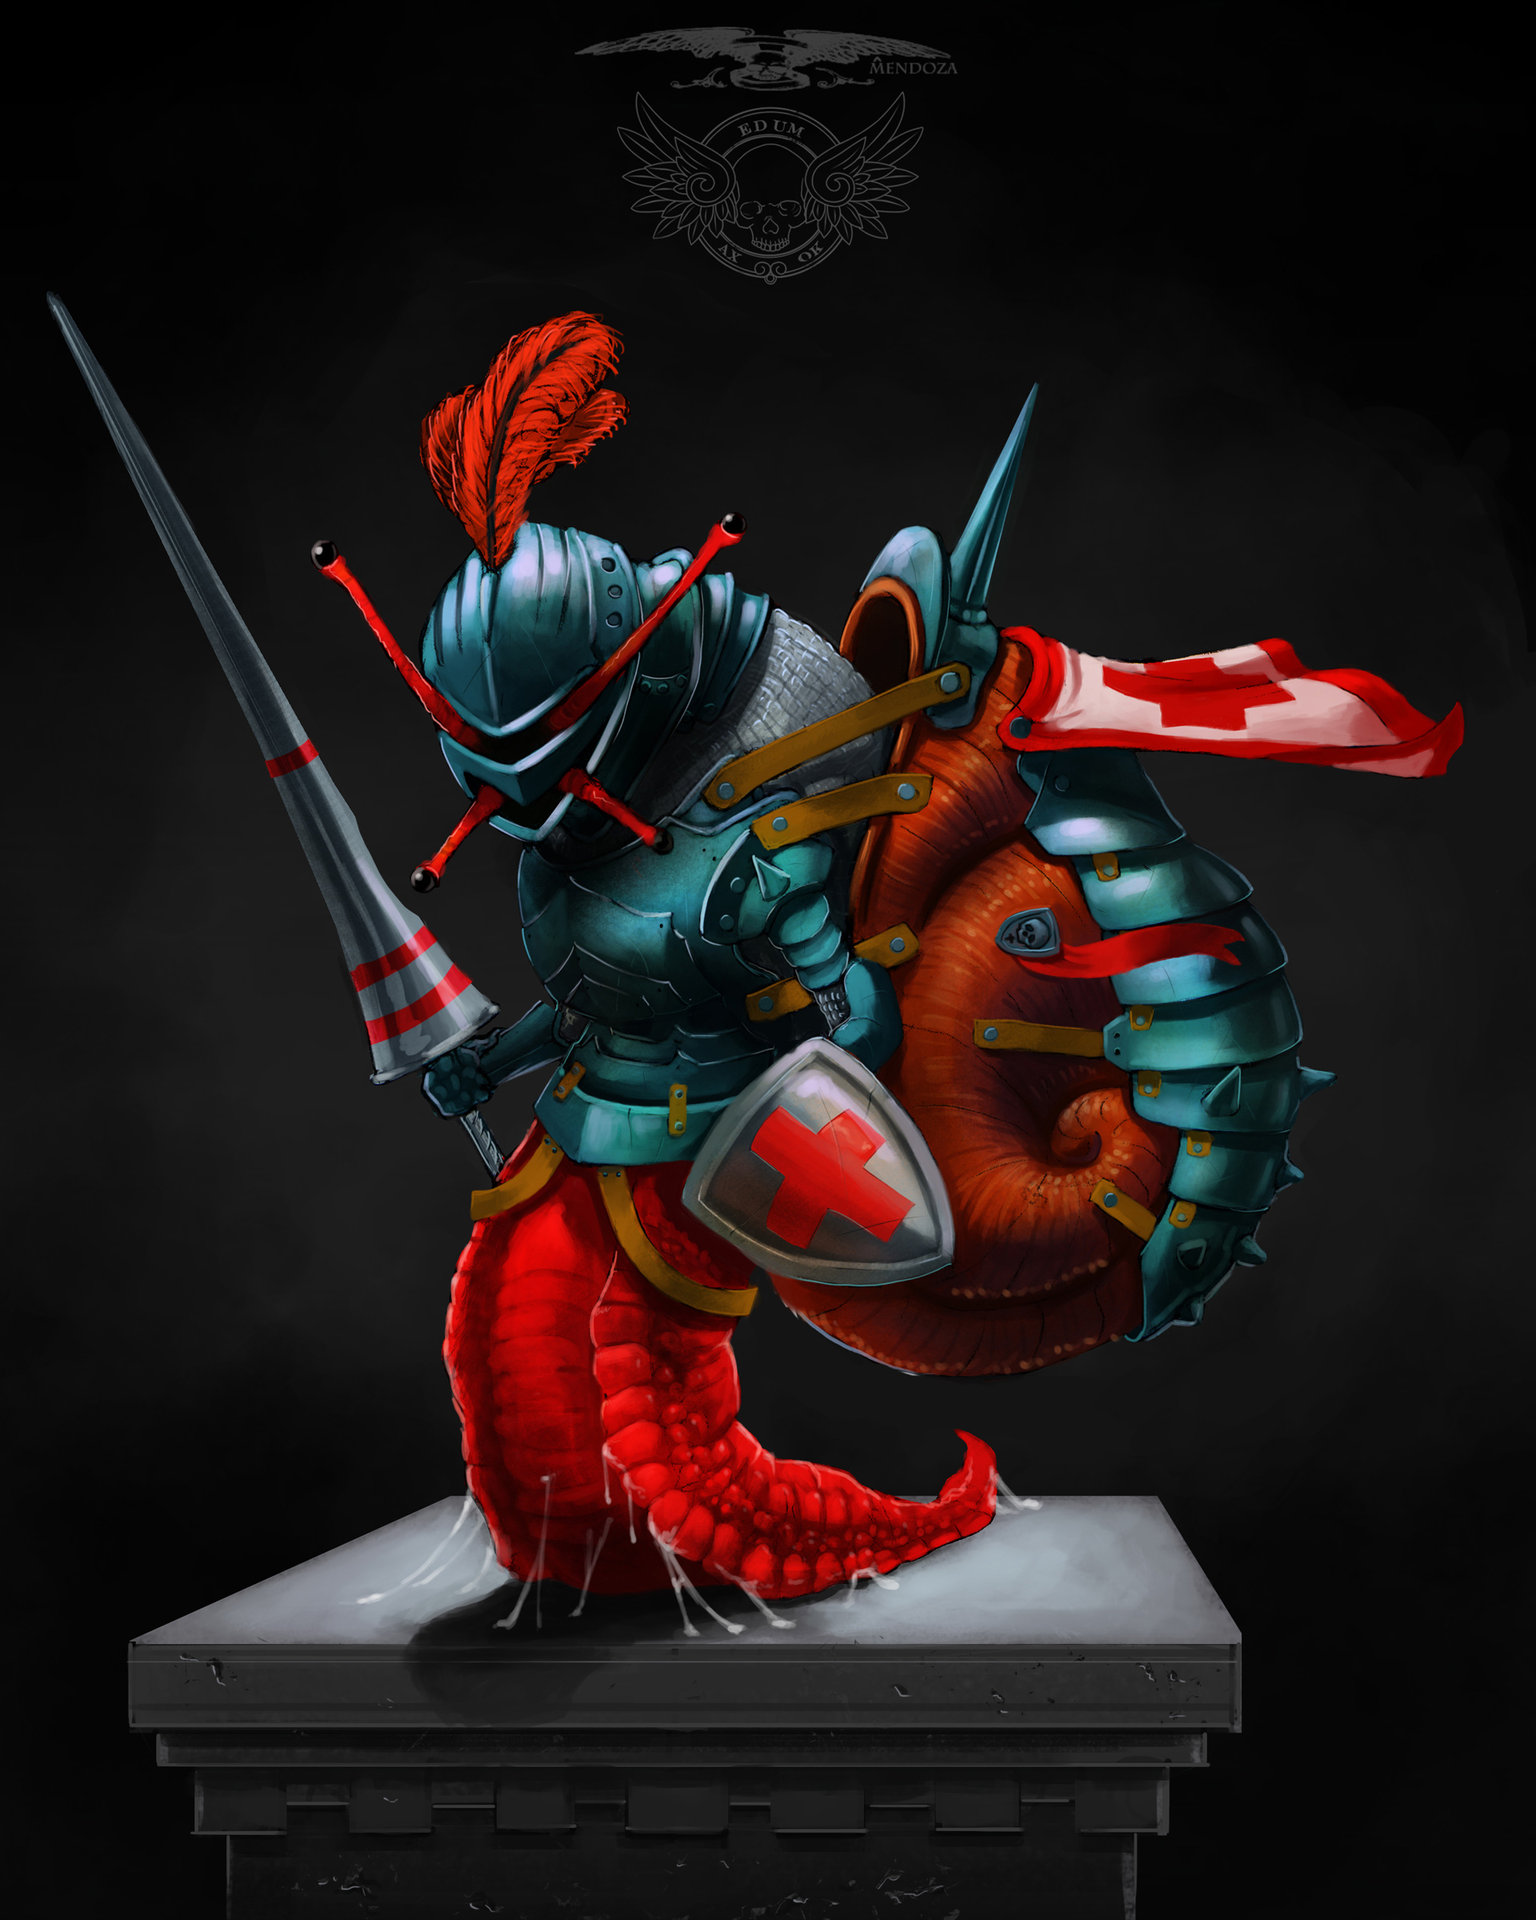 Snail_Warrior_BK_FR_edd.jpg